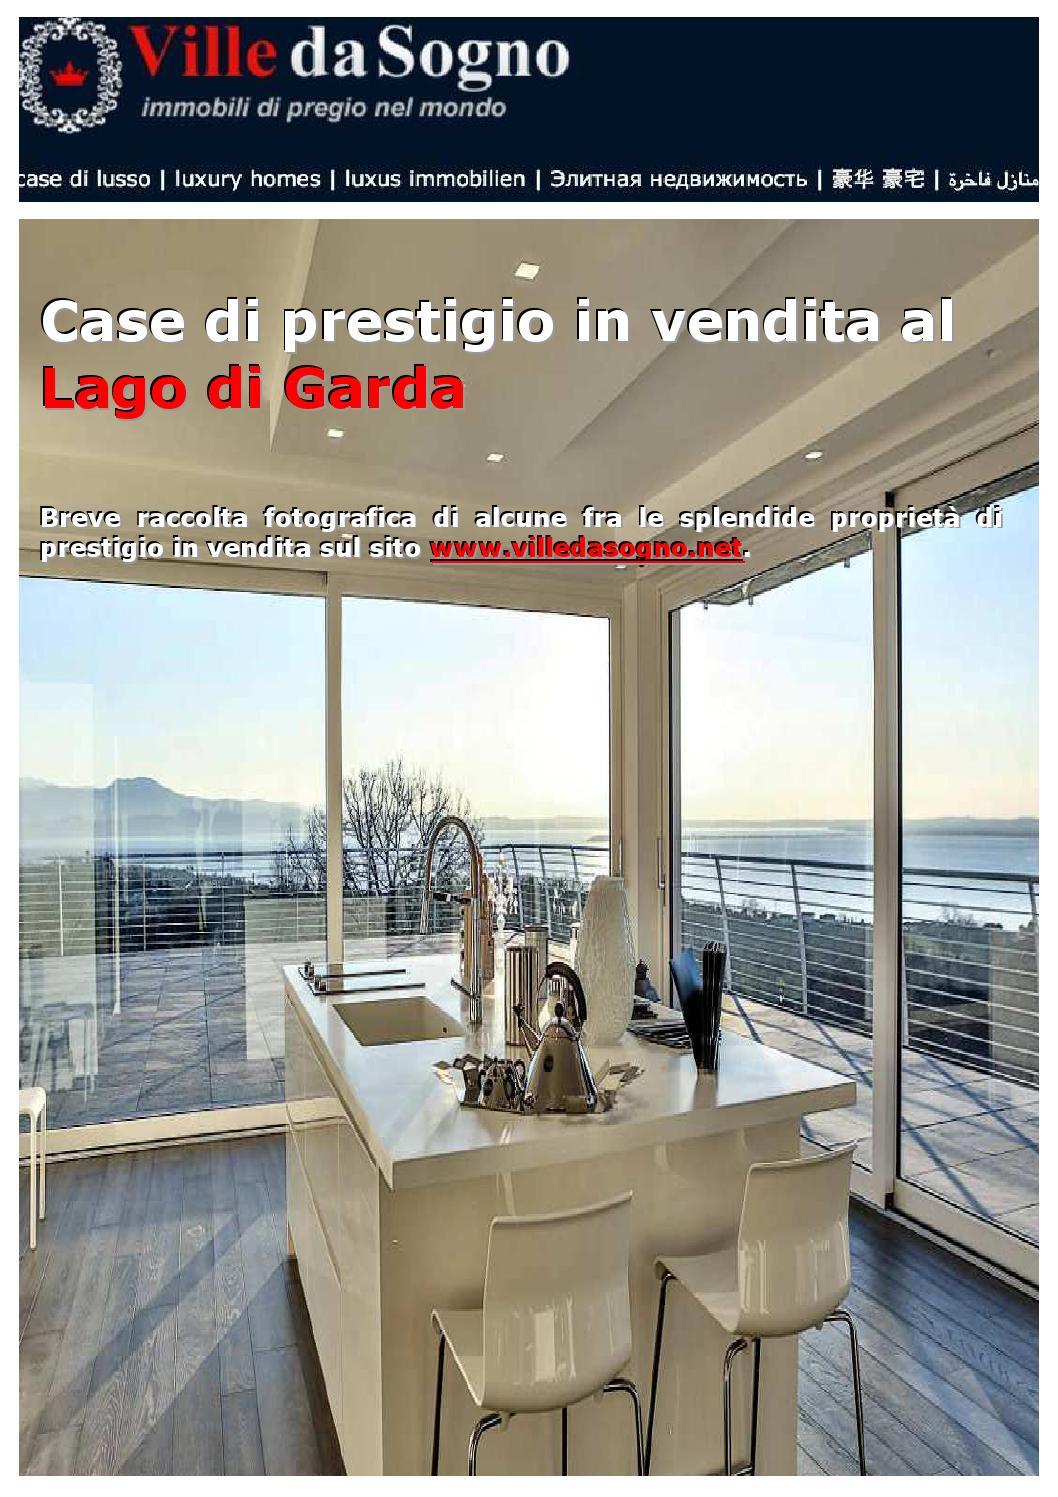 Case di prestigio in vendita al lago di garda by ville da for Case in vendita